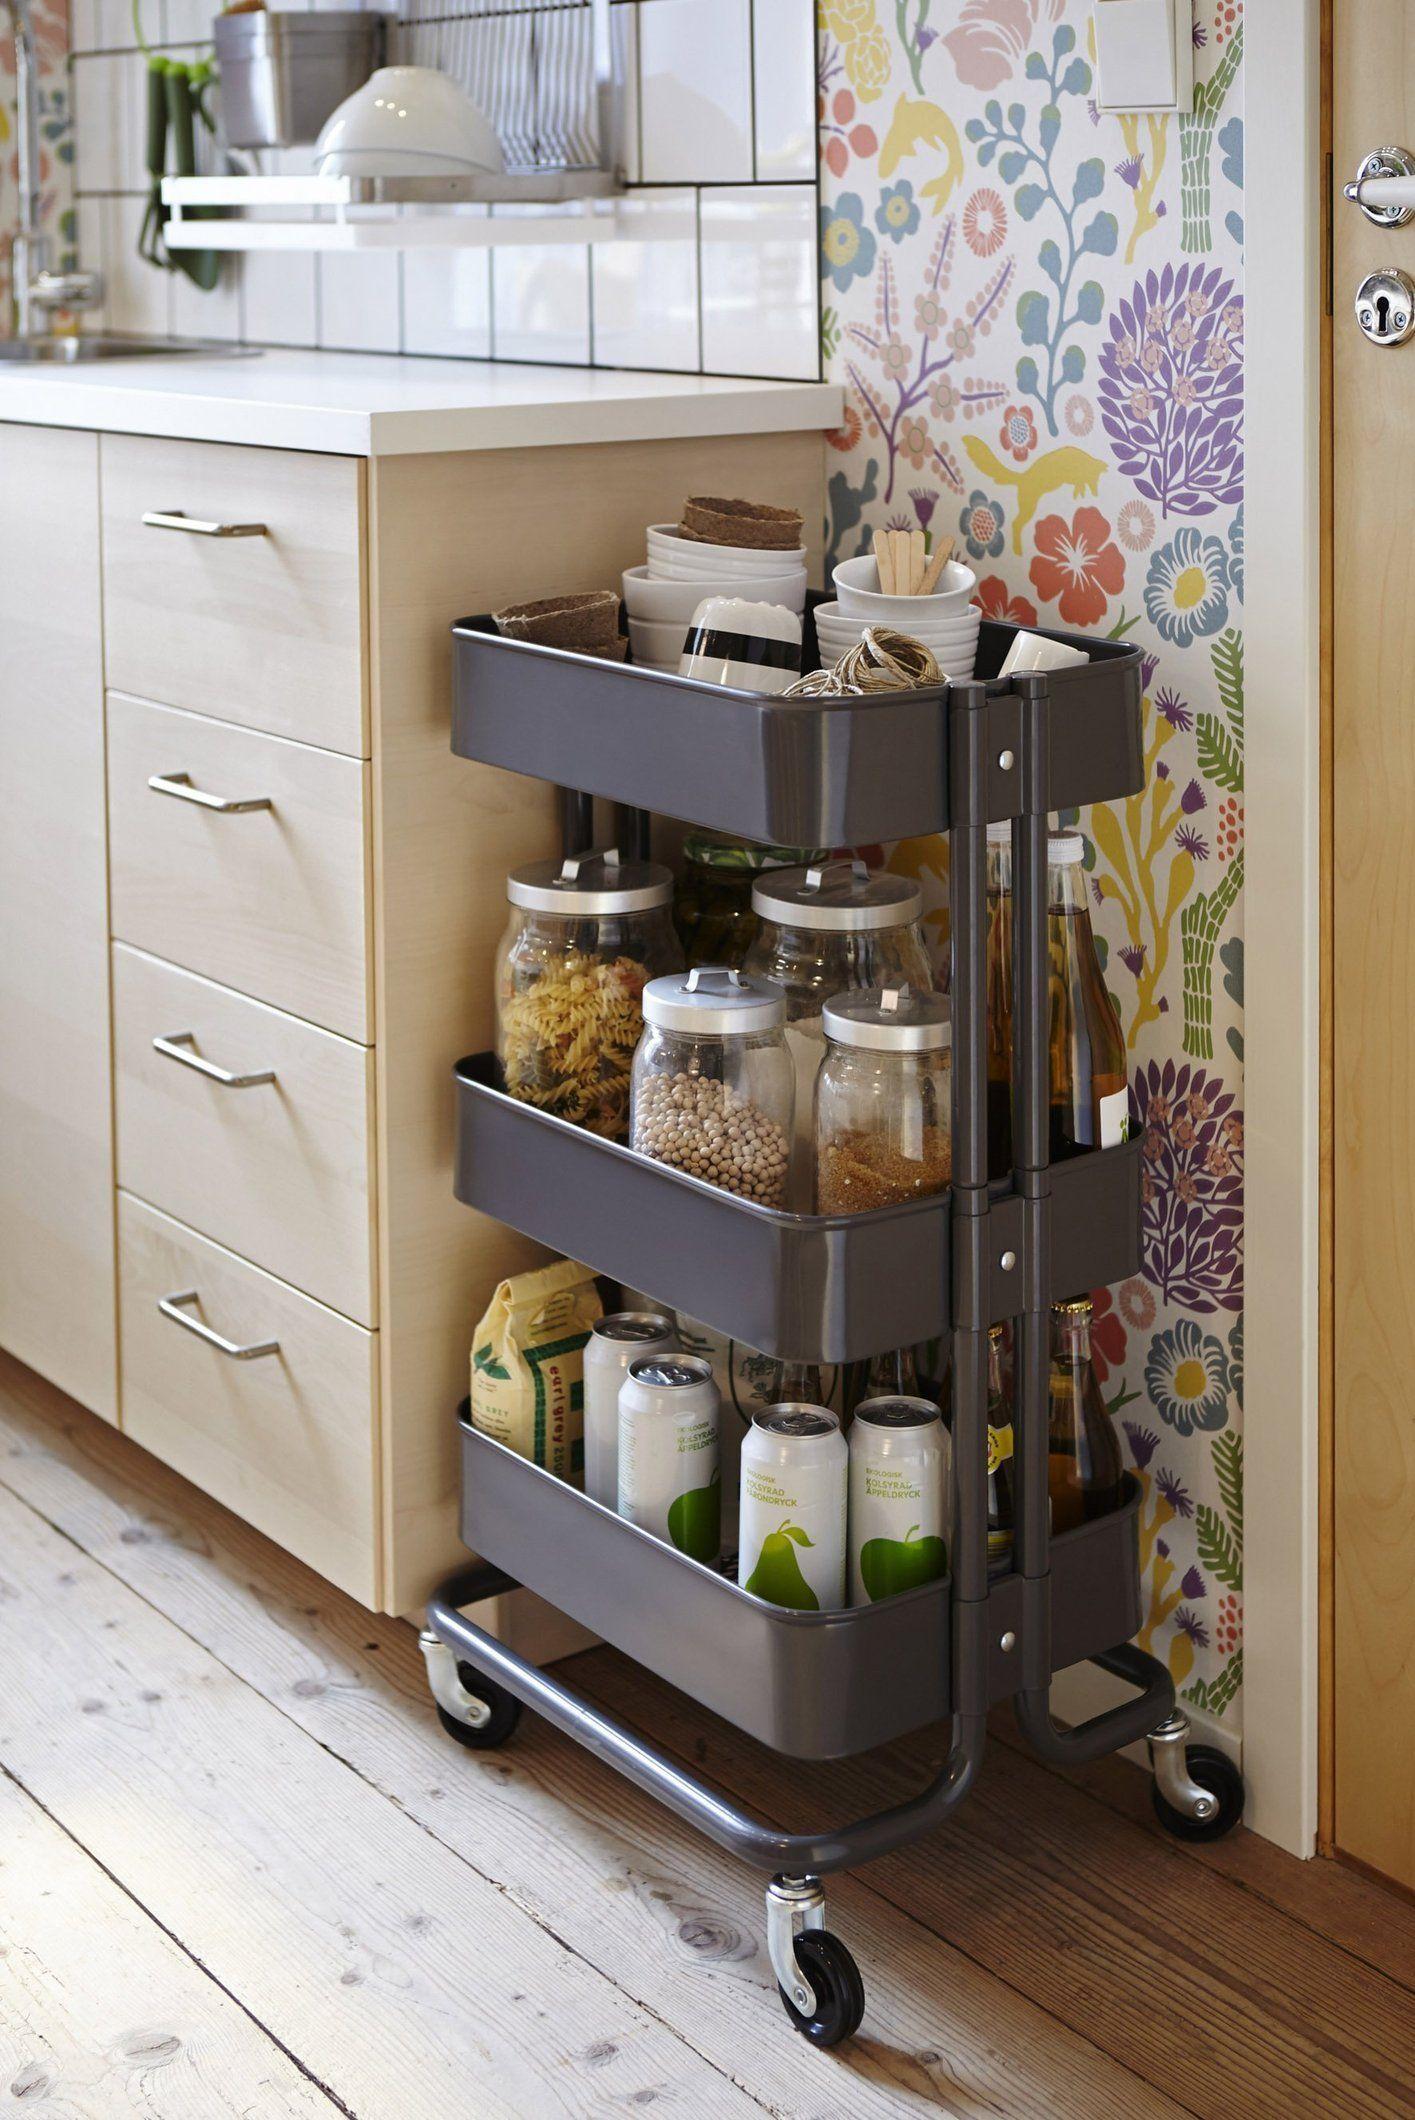 Full Size of Ikea Küchenwagen 15 Ways To Use Ikeas 30 Rskog Cart Around The Kitchen Mbel Betten Bei Küche Kaufen Kosten 160x200 Sofa Mit Schlaffunktion Modulküche Wohnzimmer Ikea Küchenwagen